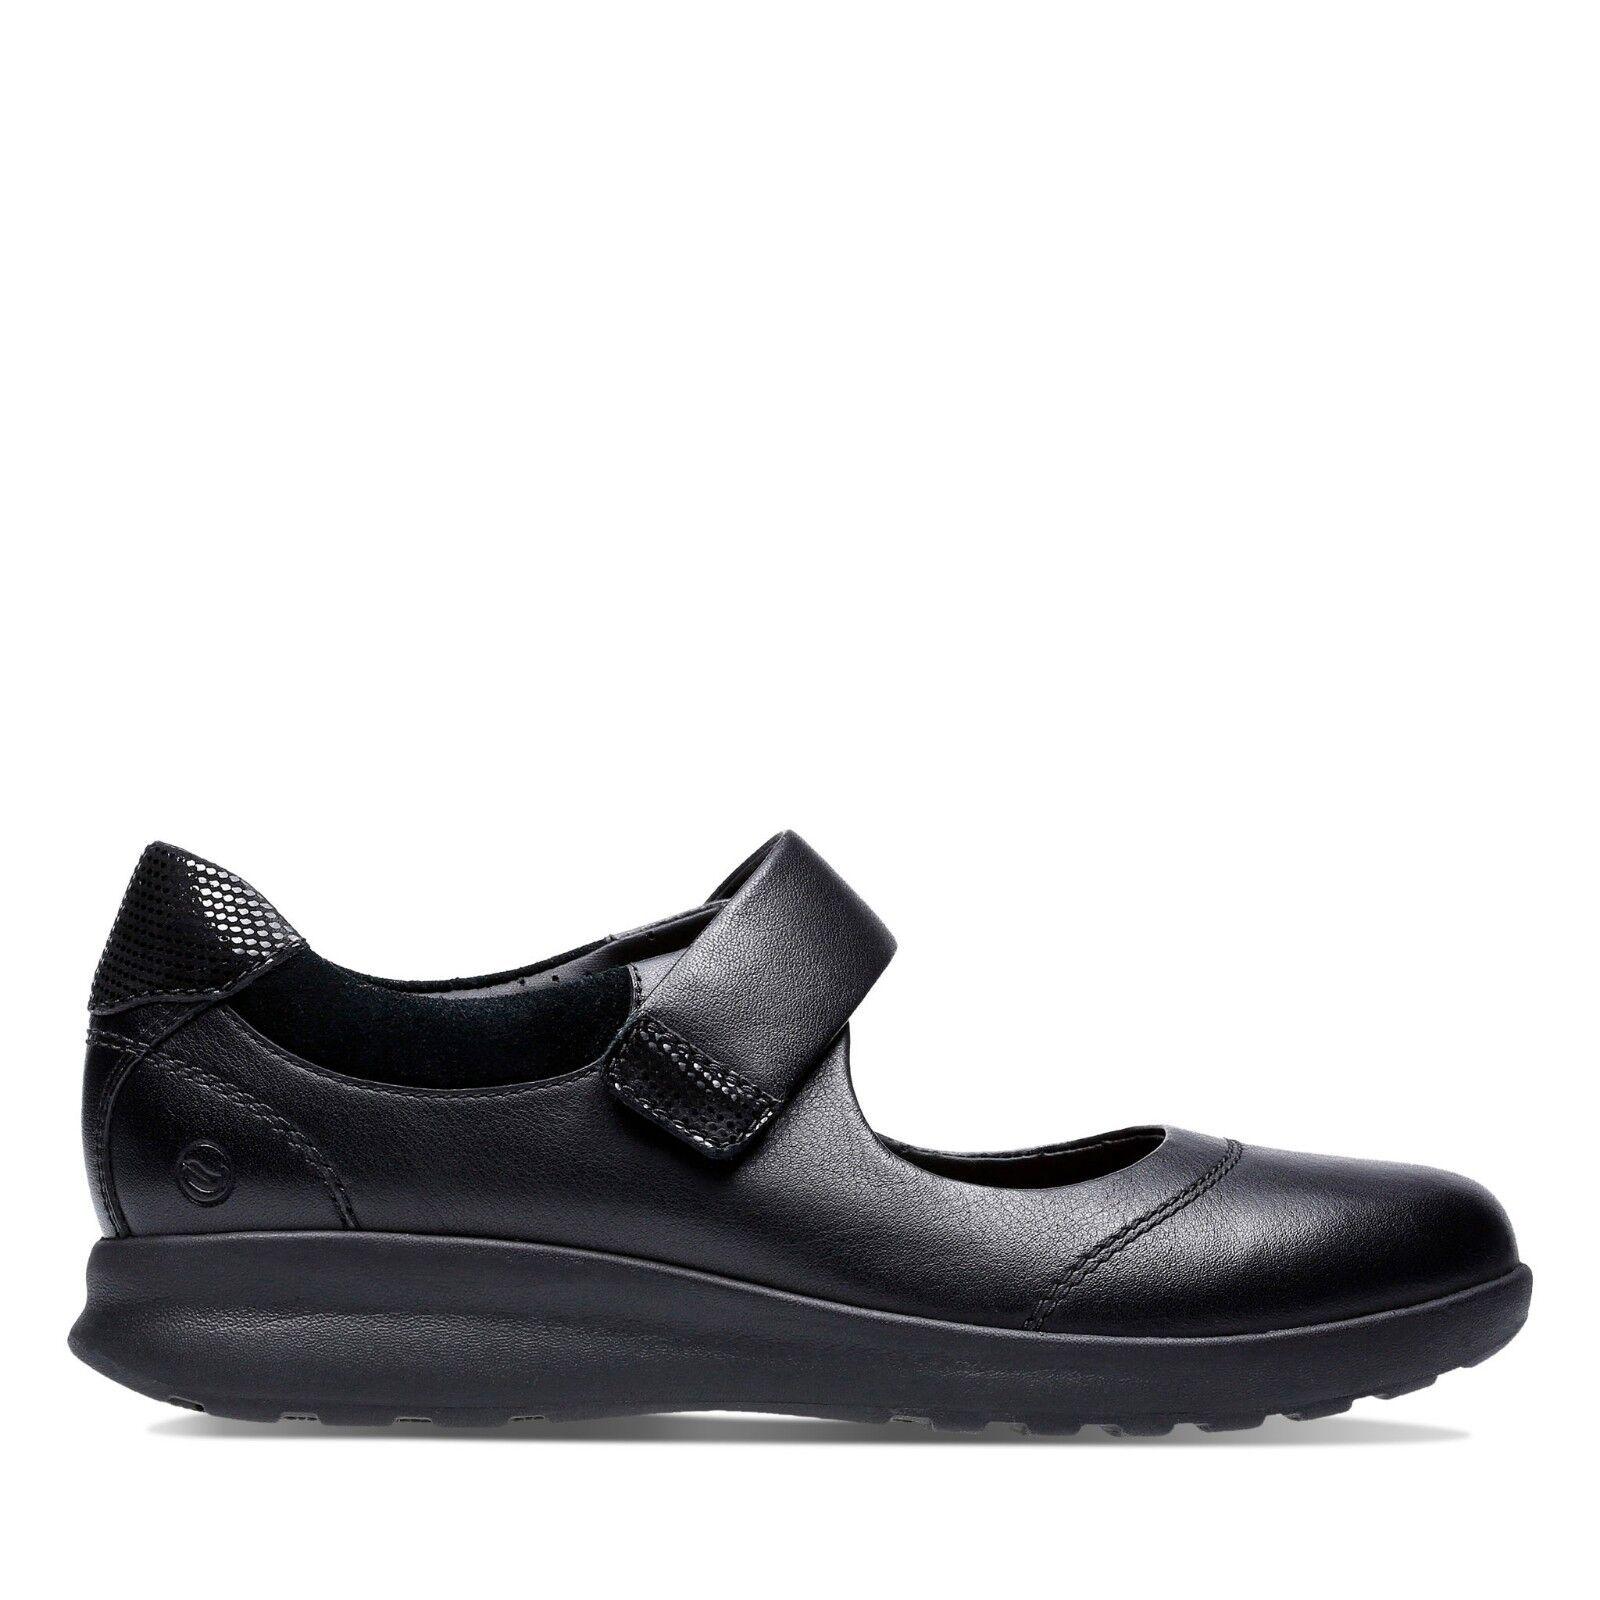 Clarks femmes Casual Chaussure ONU ornent Bracelet en Cuir Noir E largeur de montage